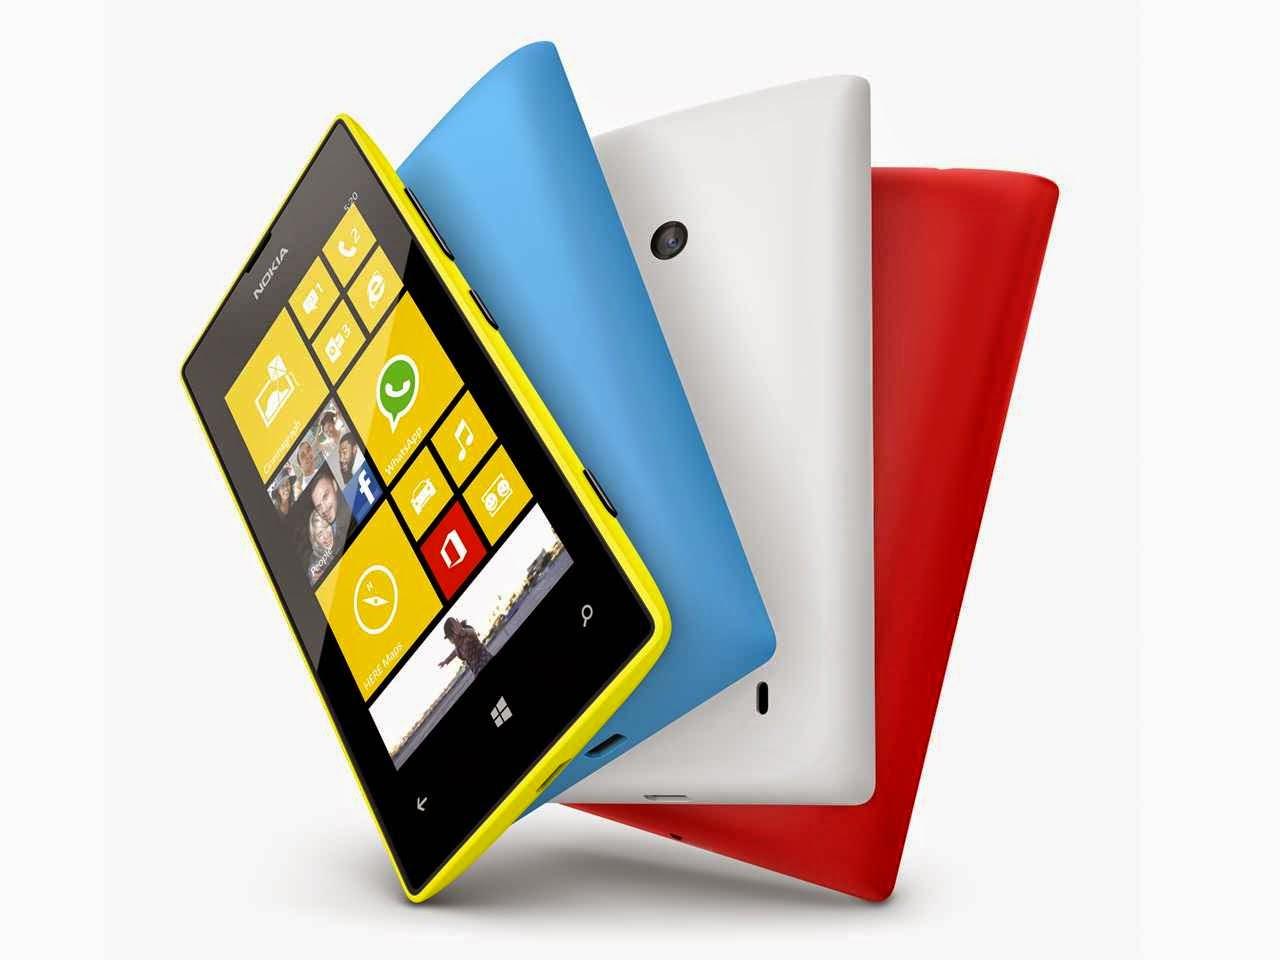 Harga dan Spesifikasi Nokia Lumia 730, Smartphone Dengan Kamera Selfie Wide